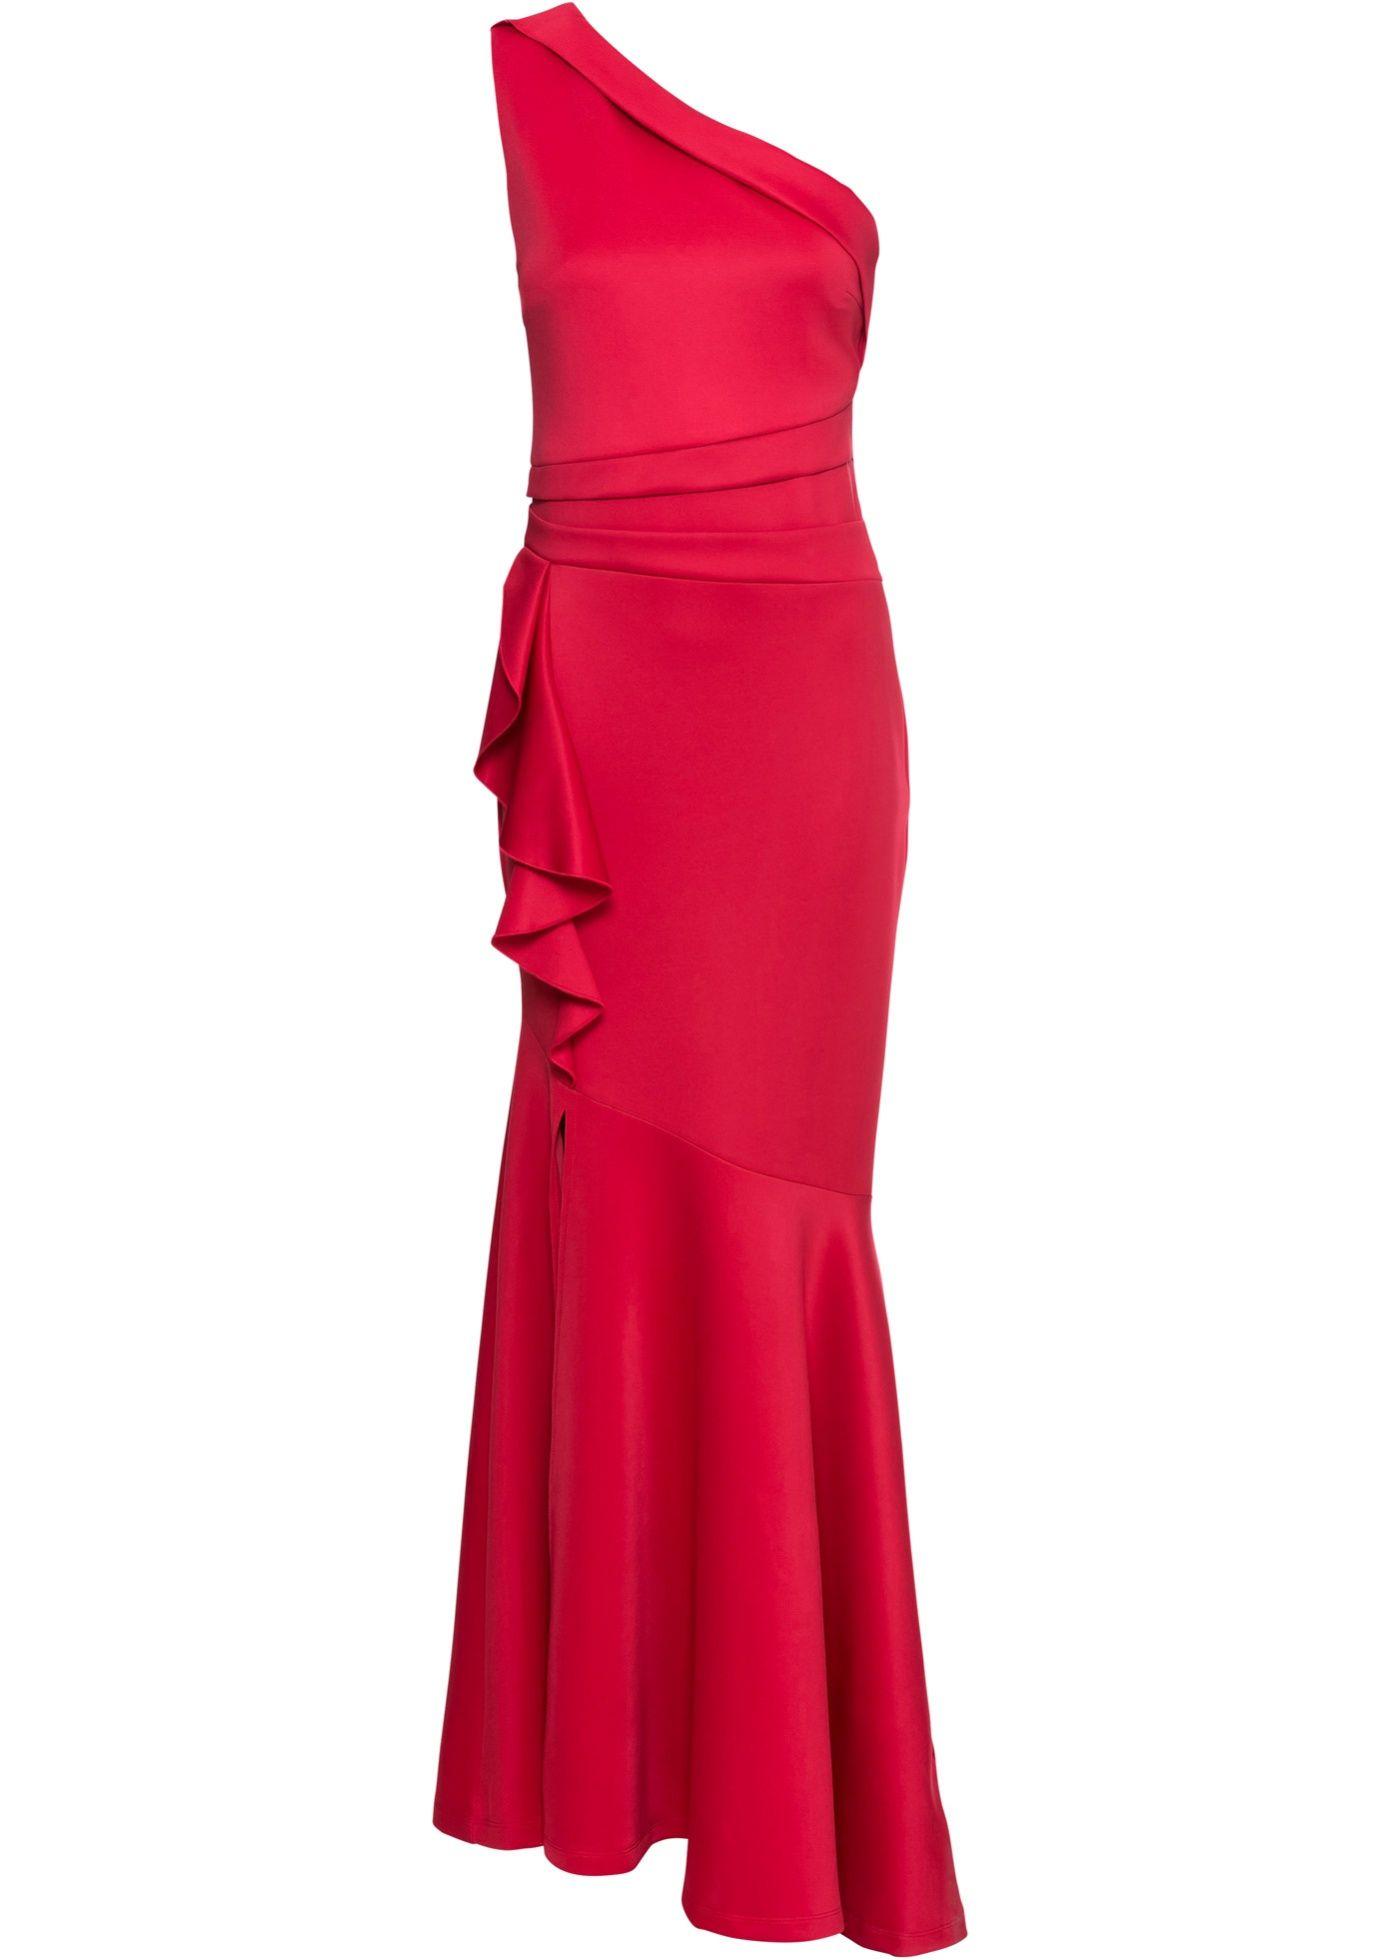 Langes One-Shoulder-Kleid mit Volants  Kleid mit volant, One